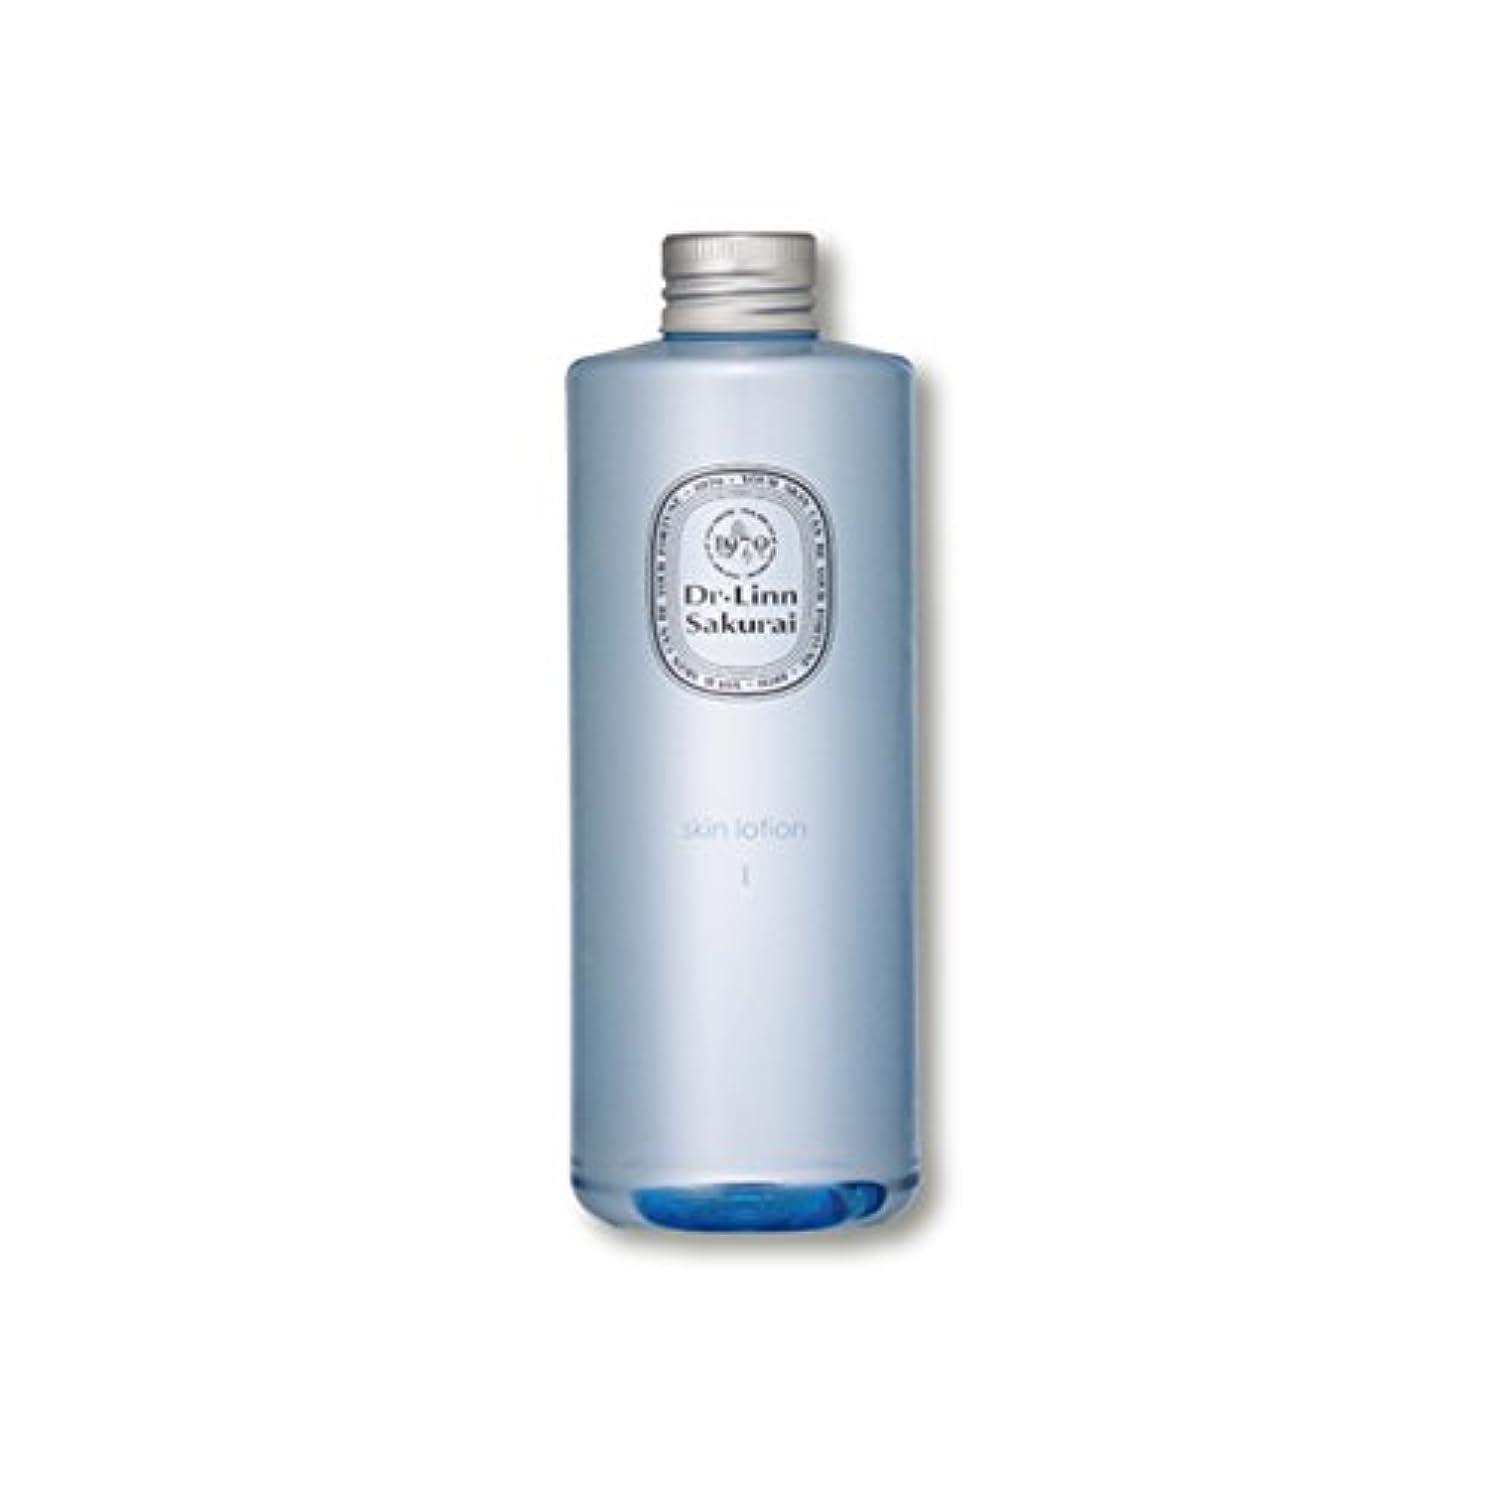 バトルラオス人無線ドクターリンサクライ スキンローションI さっぱりタイプ 300ml  (化粧水)